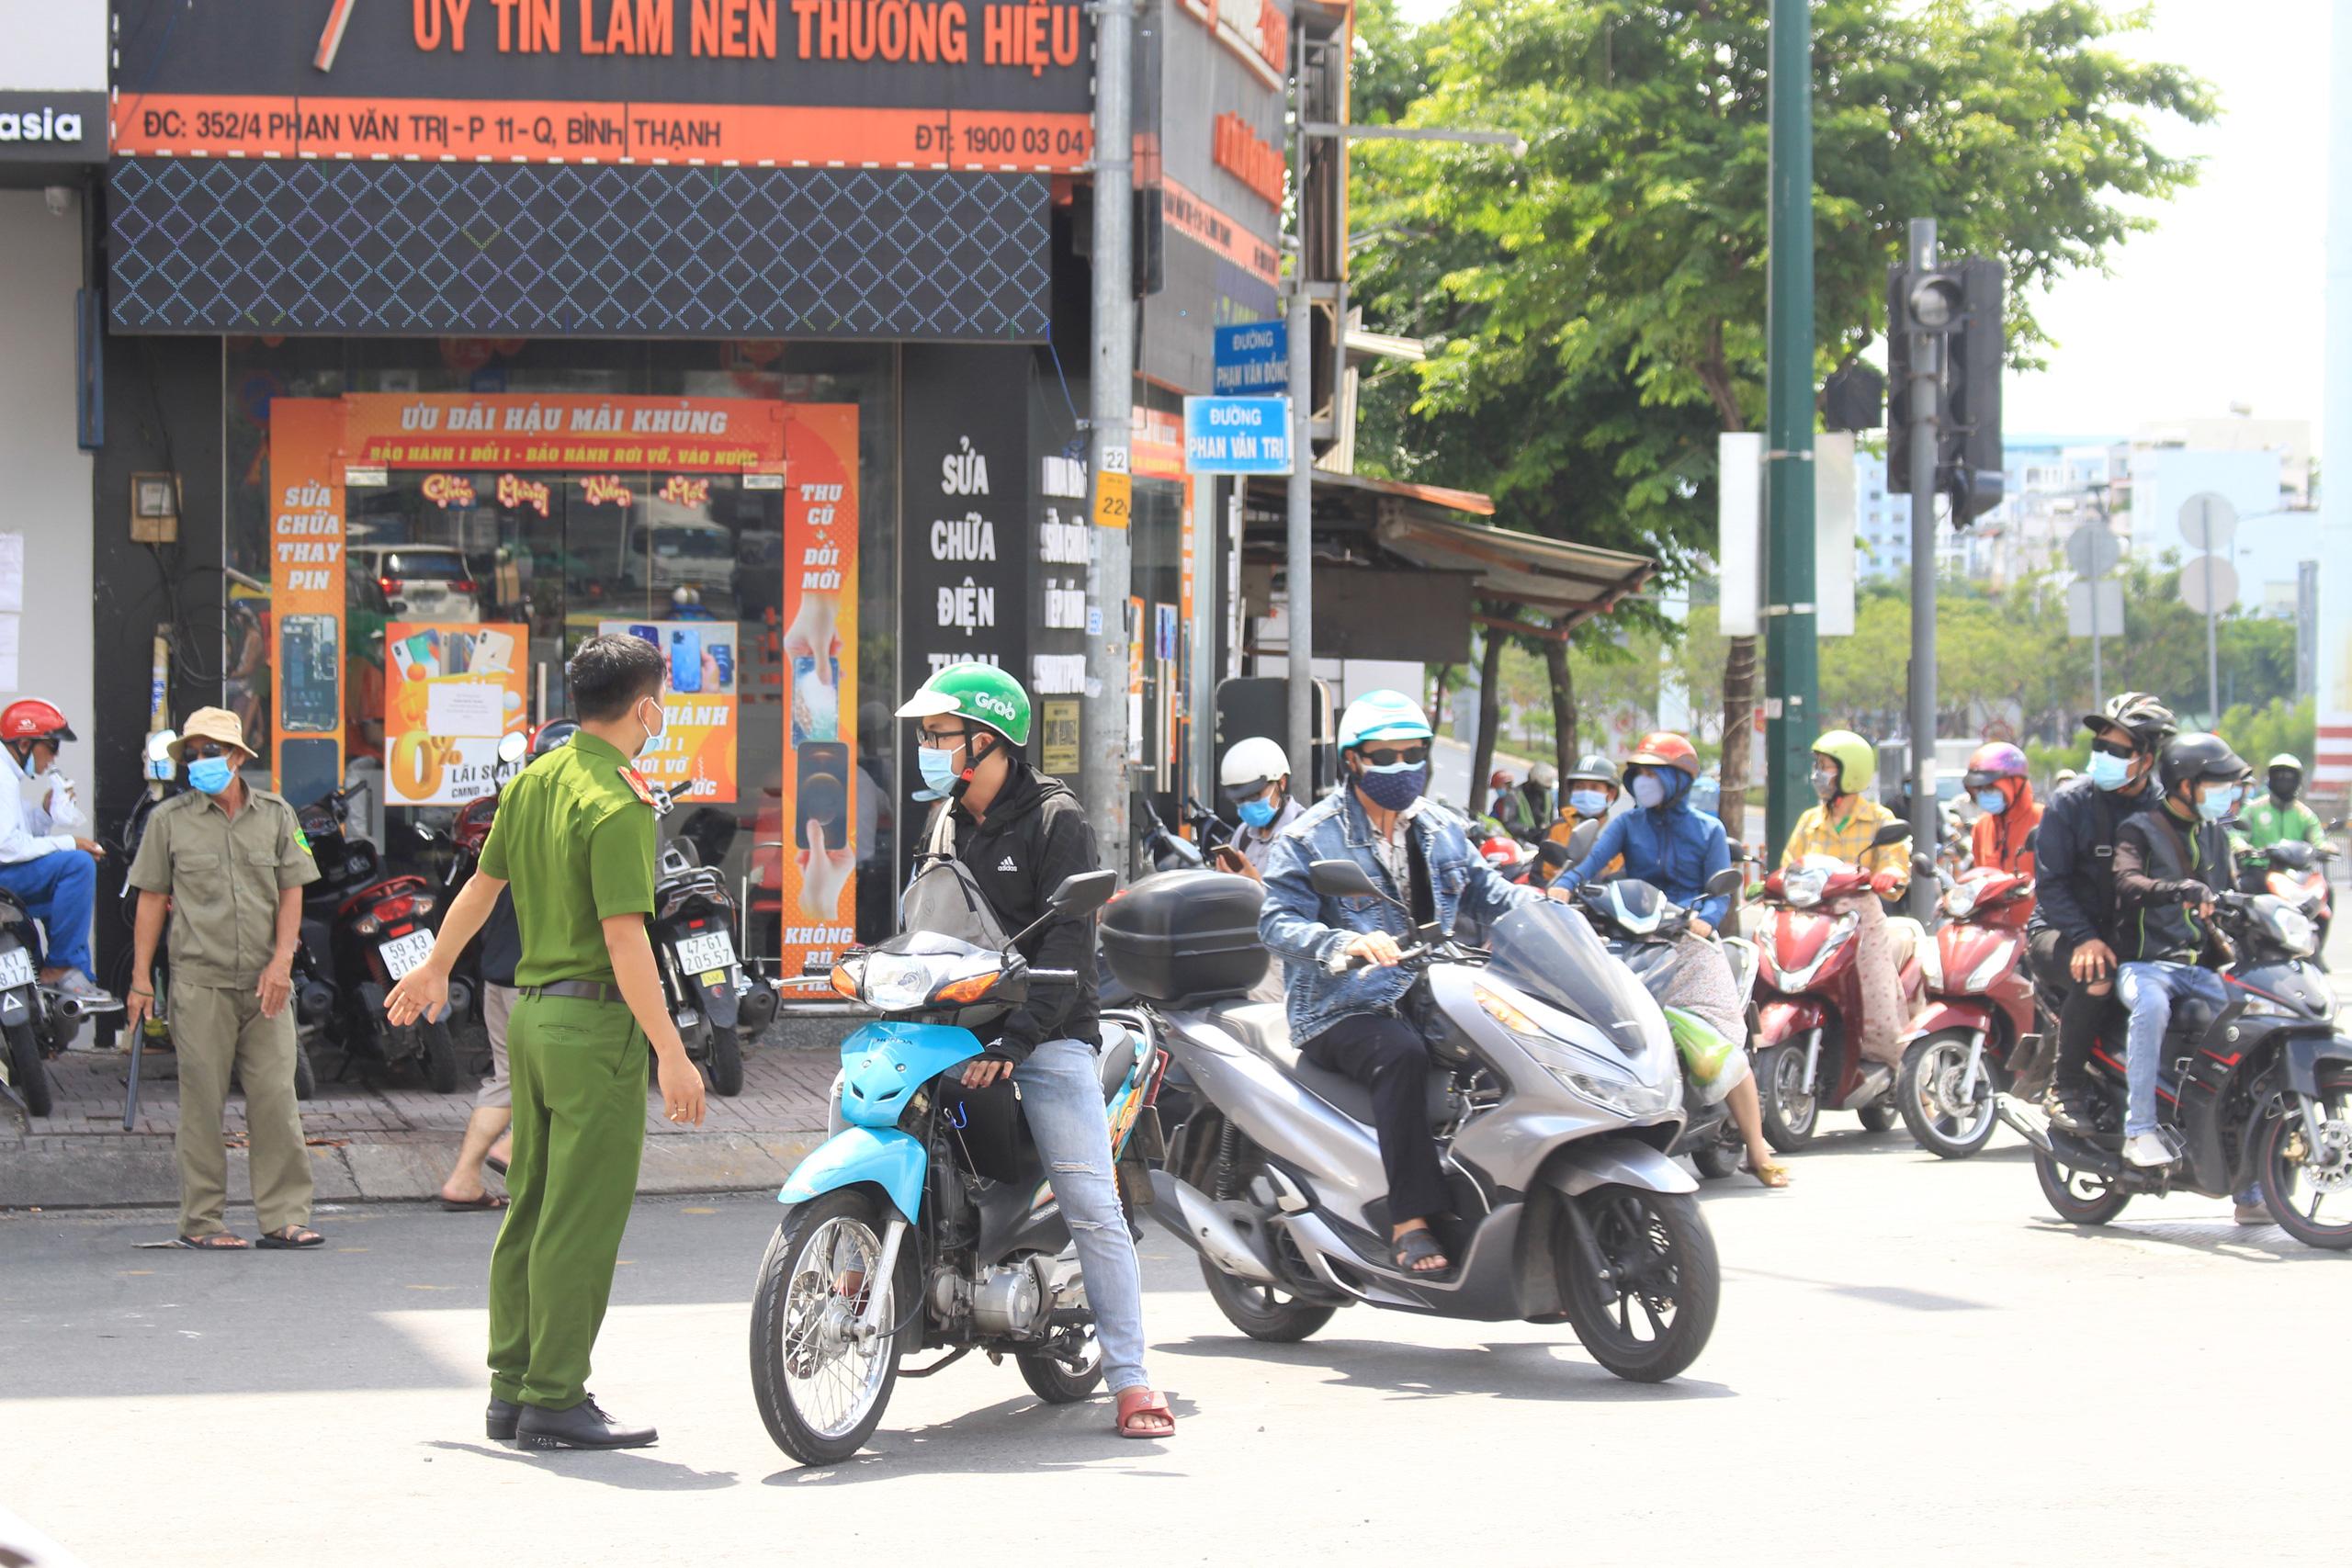 ẢNH: Ngày đầu giãn cách xã hội, đường TP.HCM không kẹt xe từ sáng tới chiều, Gò Vấp tạm dỡ chốt phong tỏa - Ảnh 14.